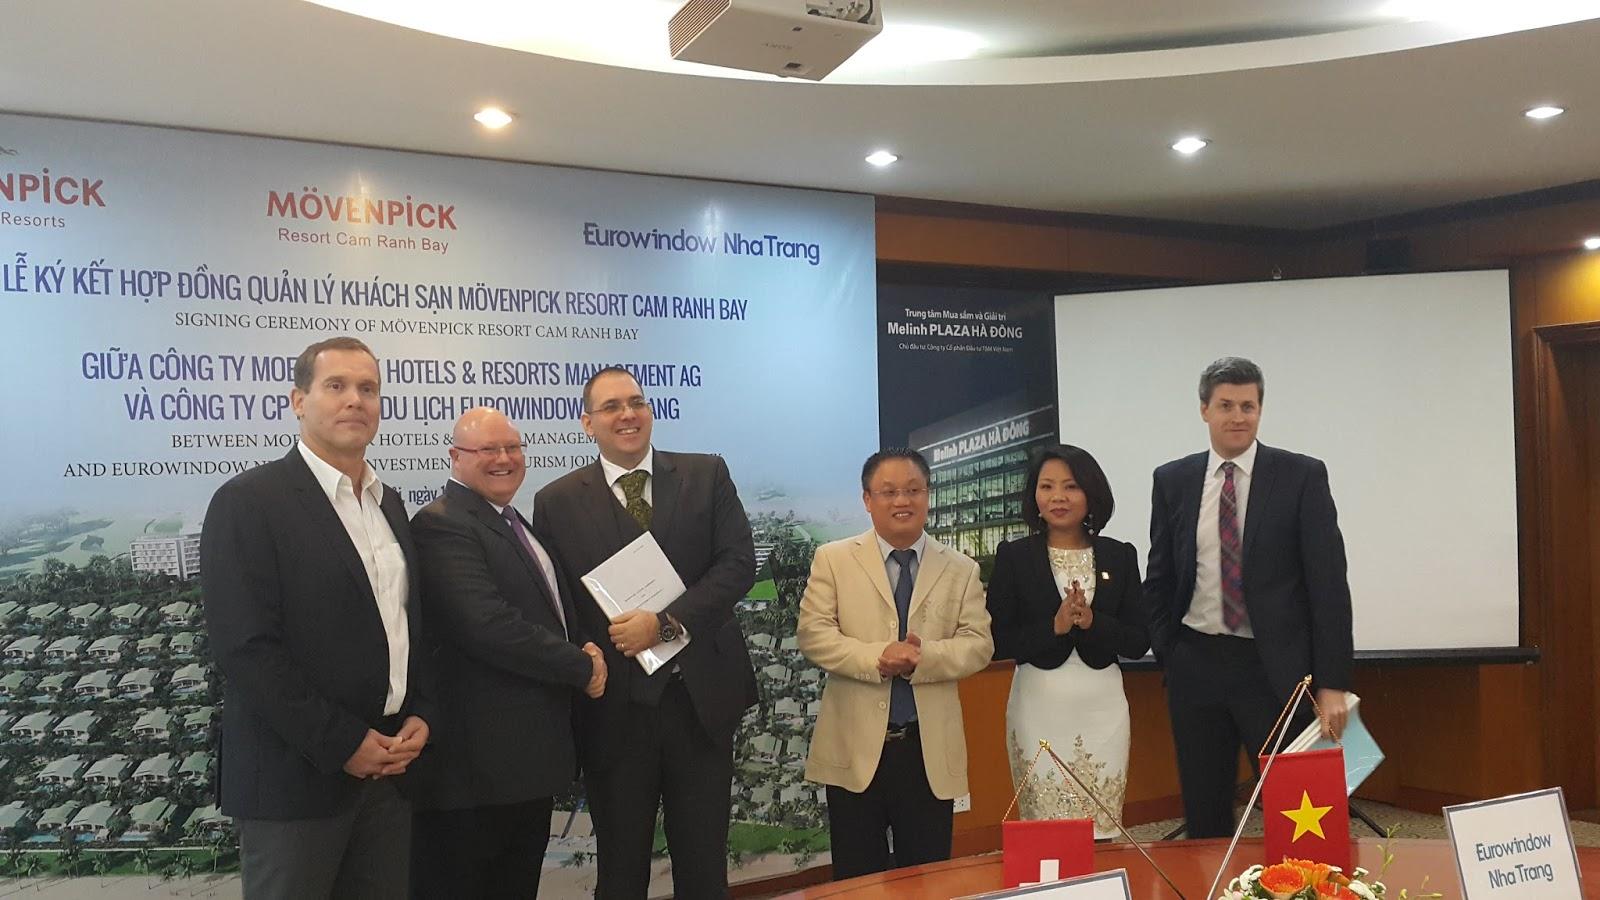 Giới thiệu chủ đầu tư dự án biệt thự Movenpick Nha Trang